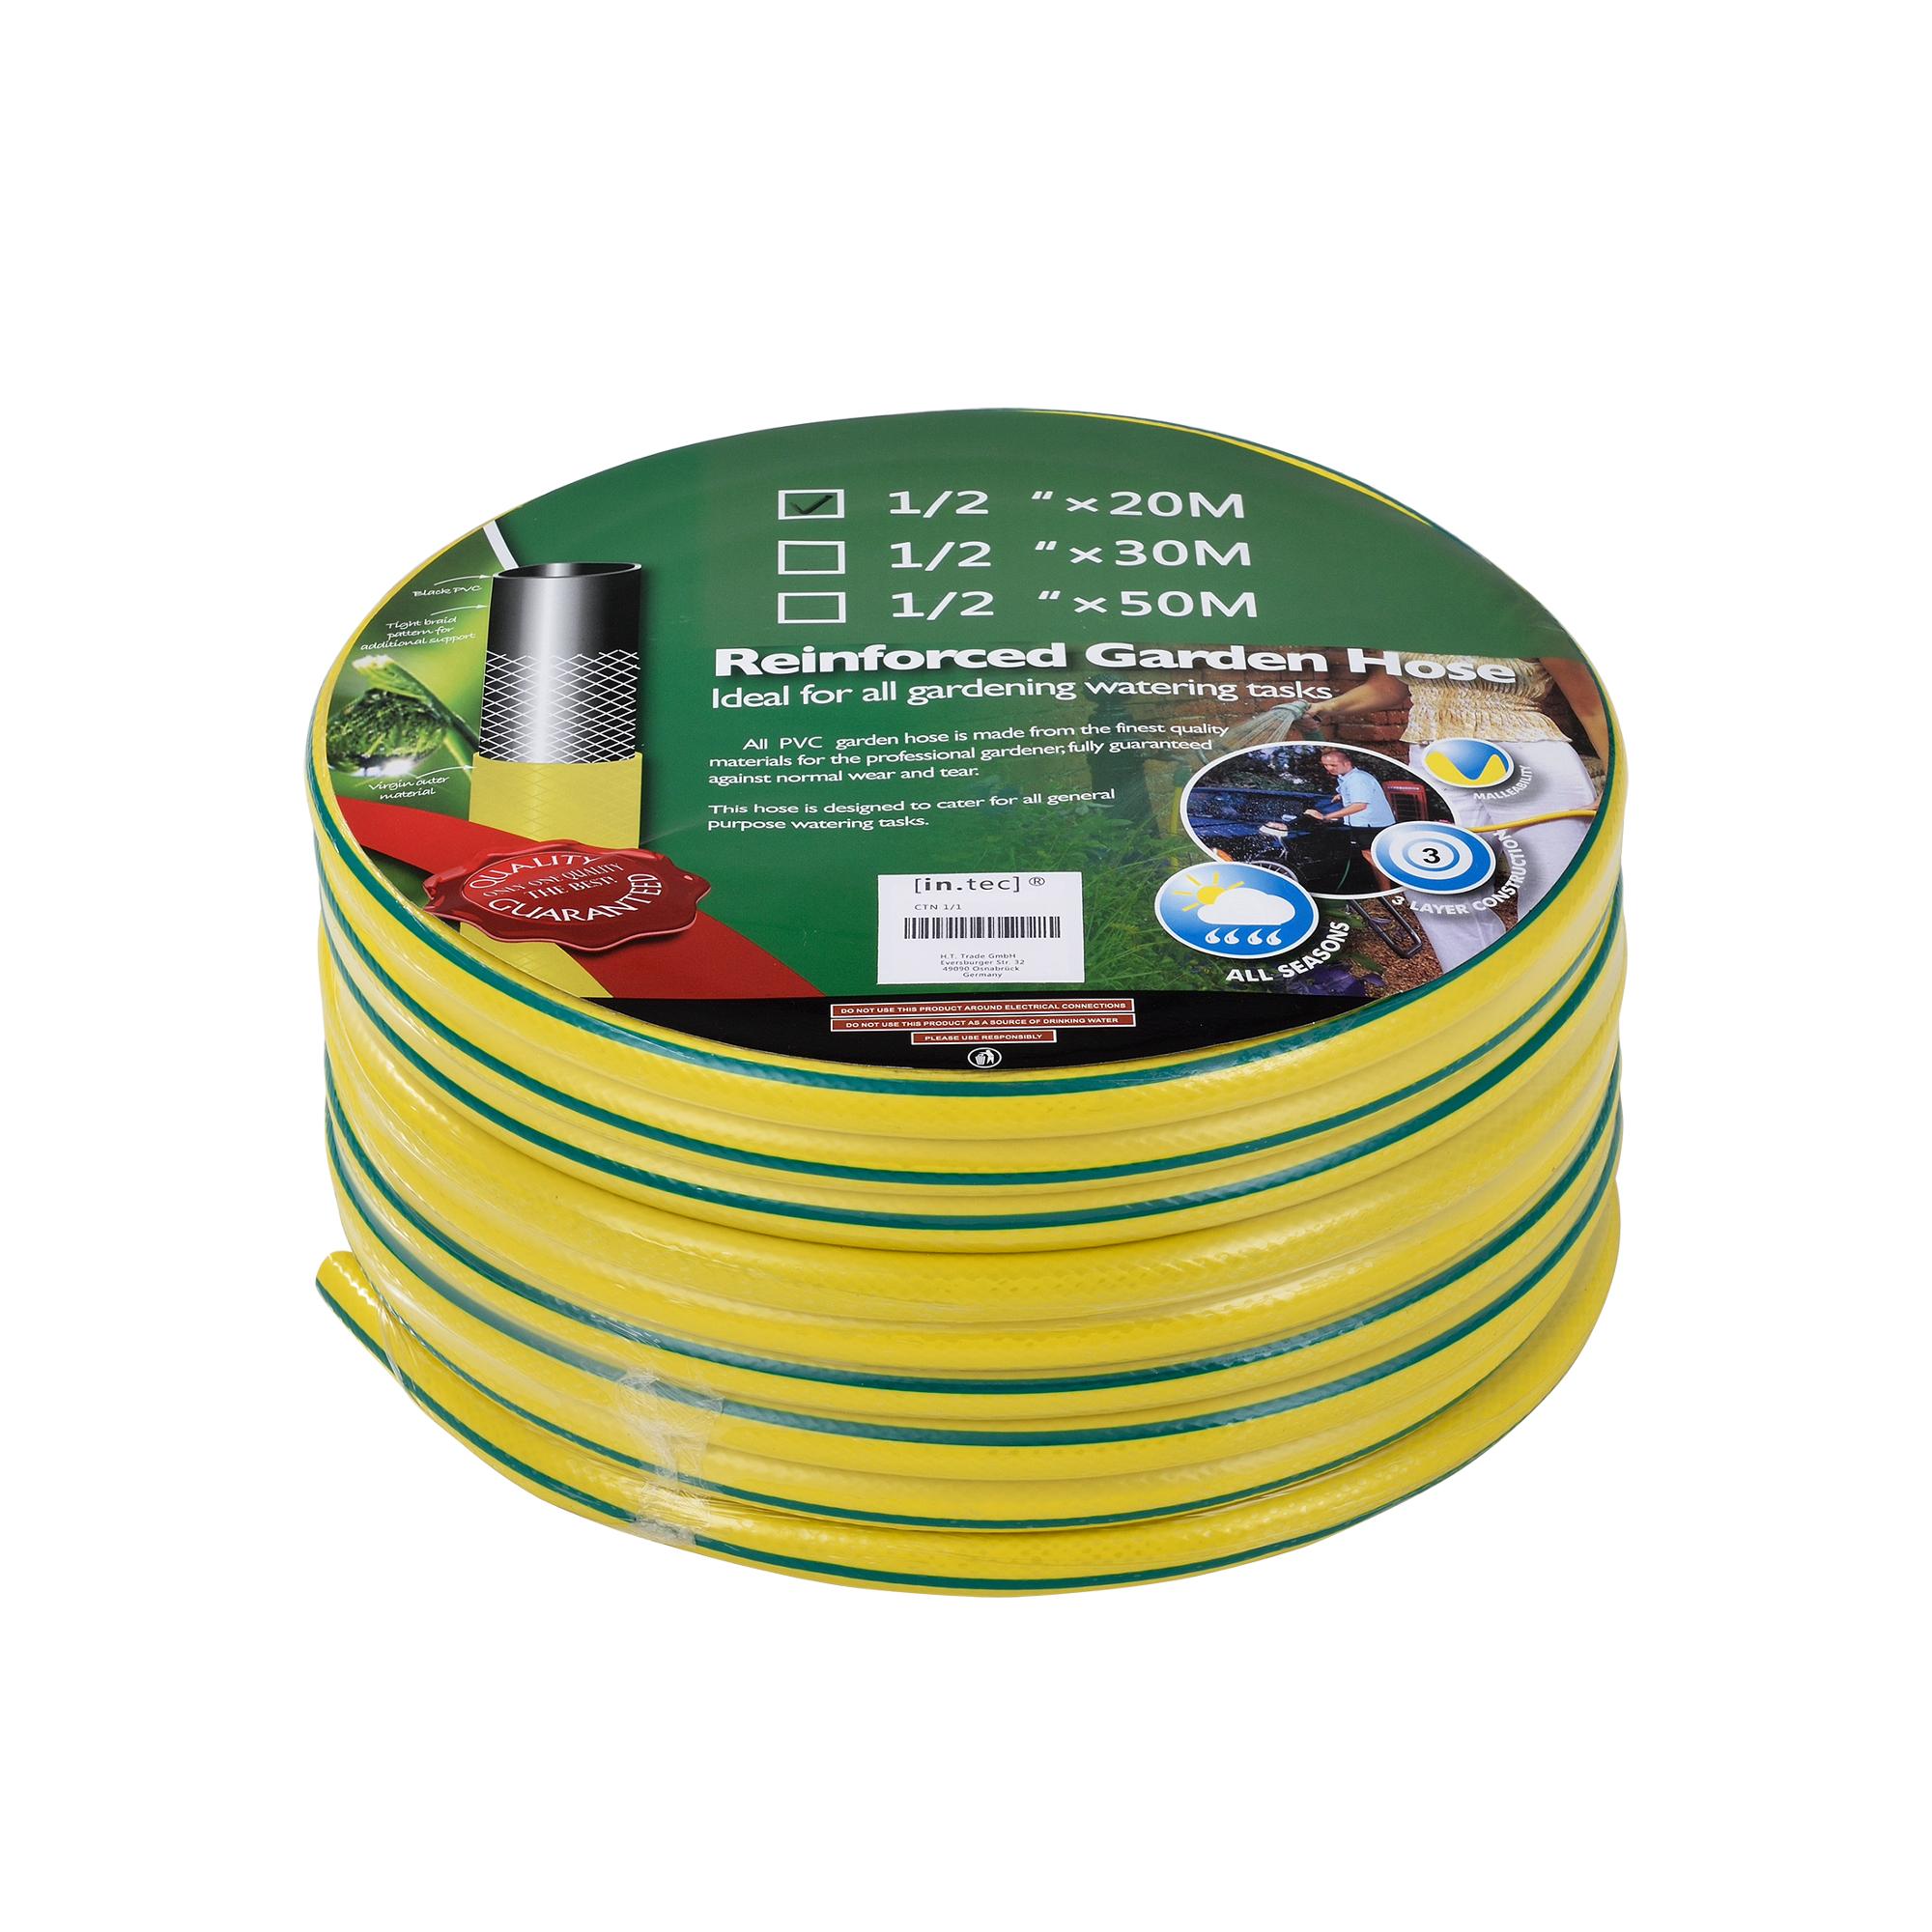 [in.tec]® Zahradní hadice / kropicí hadice,žlutá zelený proužek,20 m,1/2